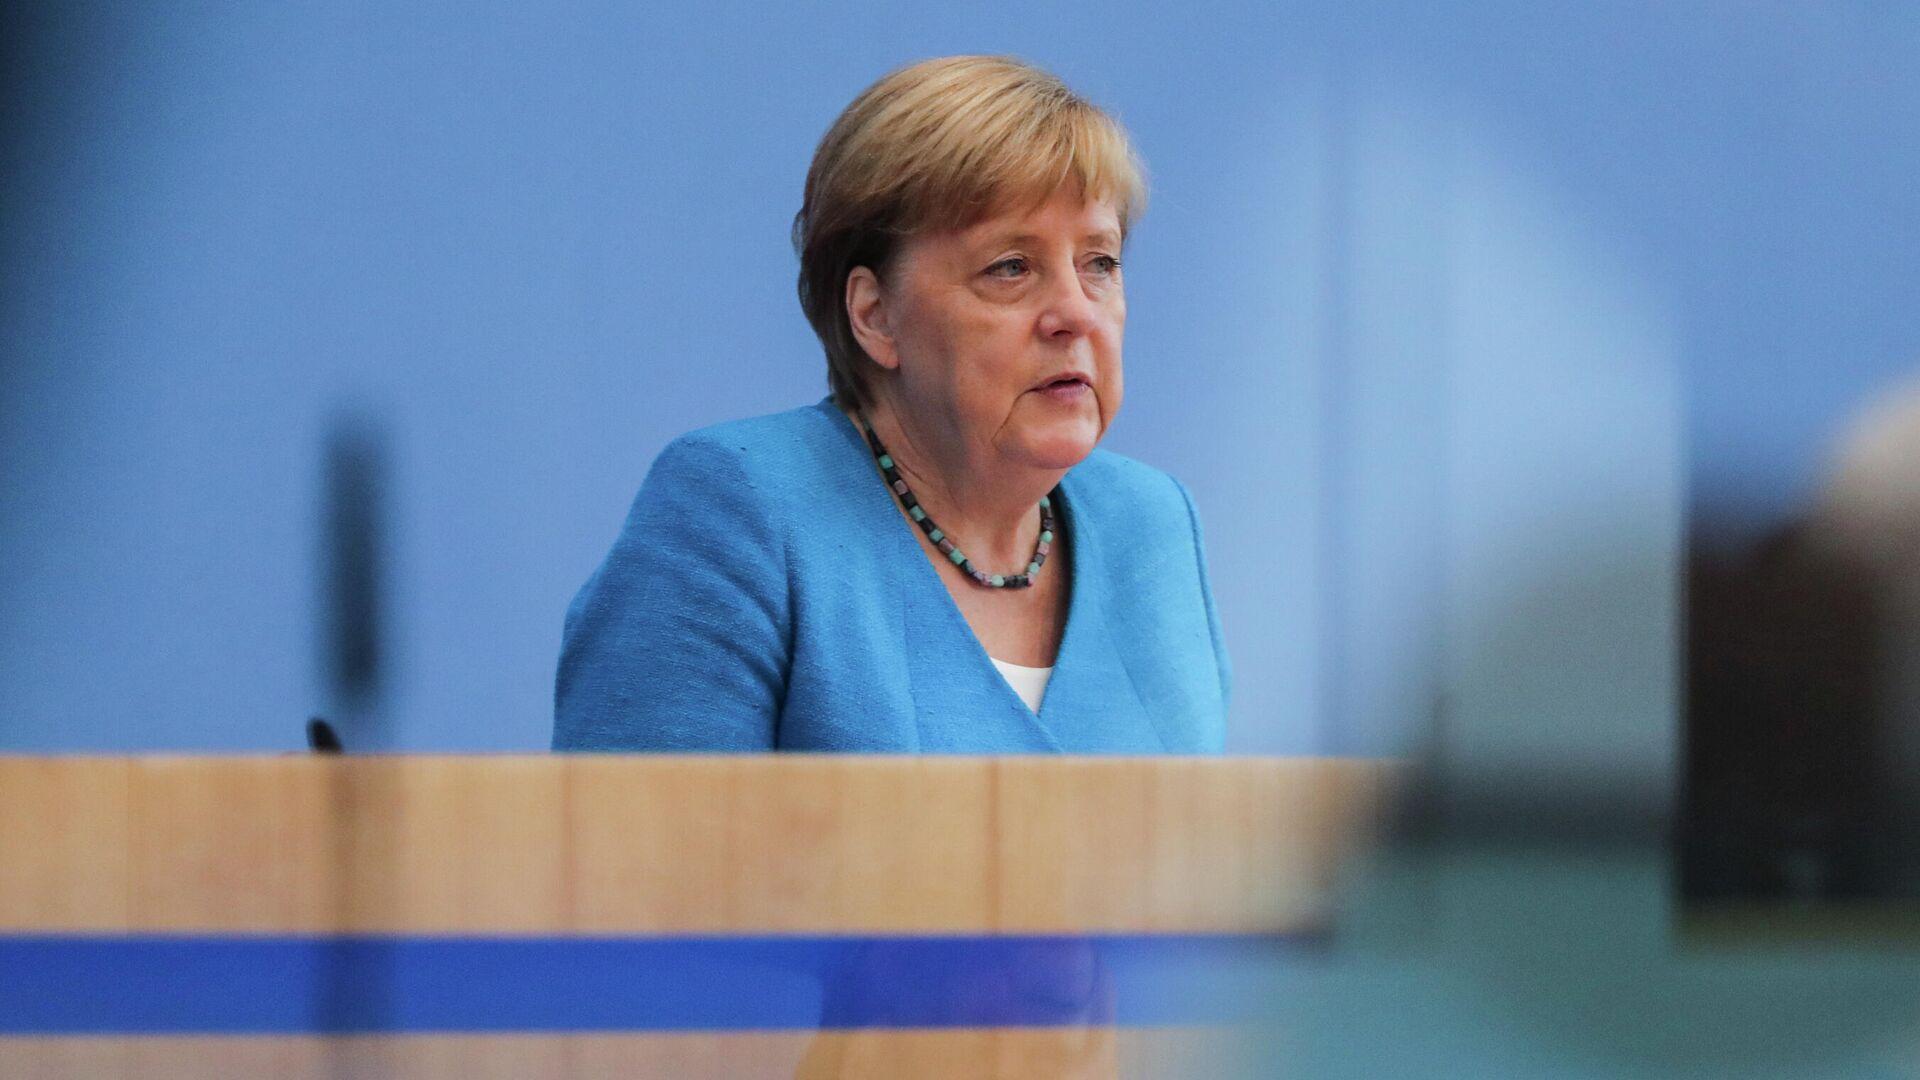 Ангела Меркель во время пресс-конференции в Берлине - РИА Новости, 1920, 10.09.2020